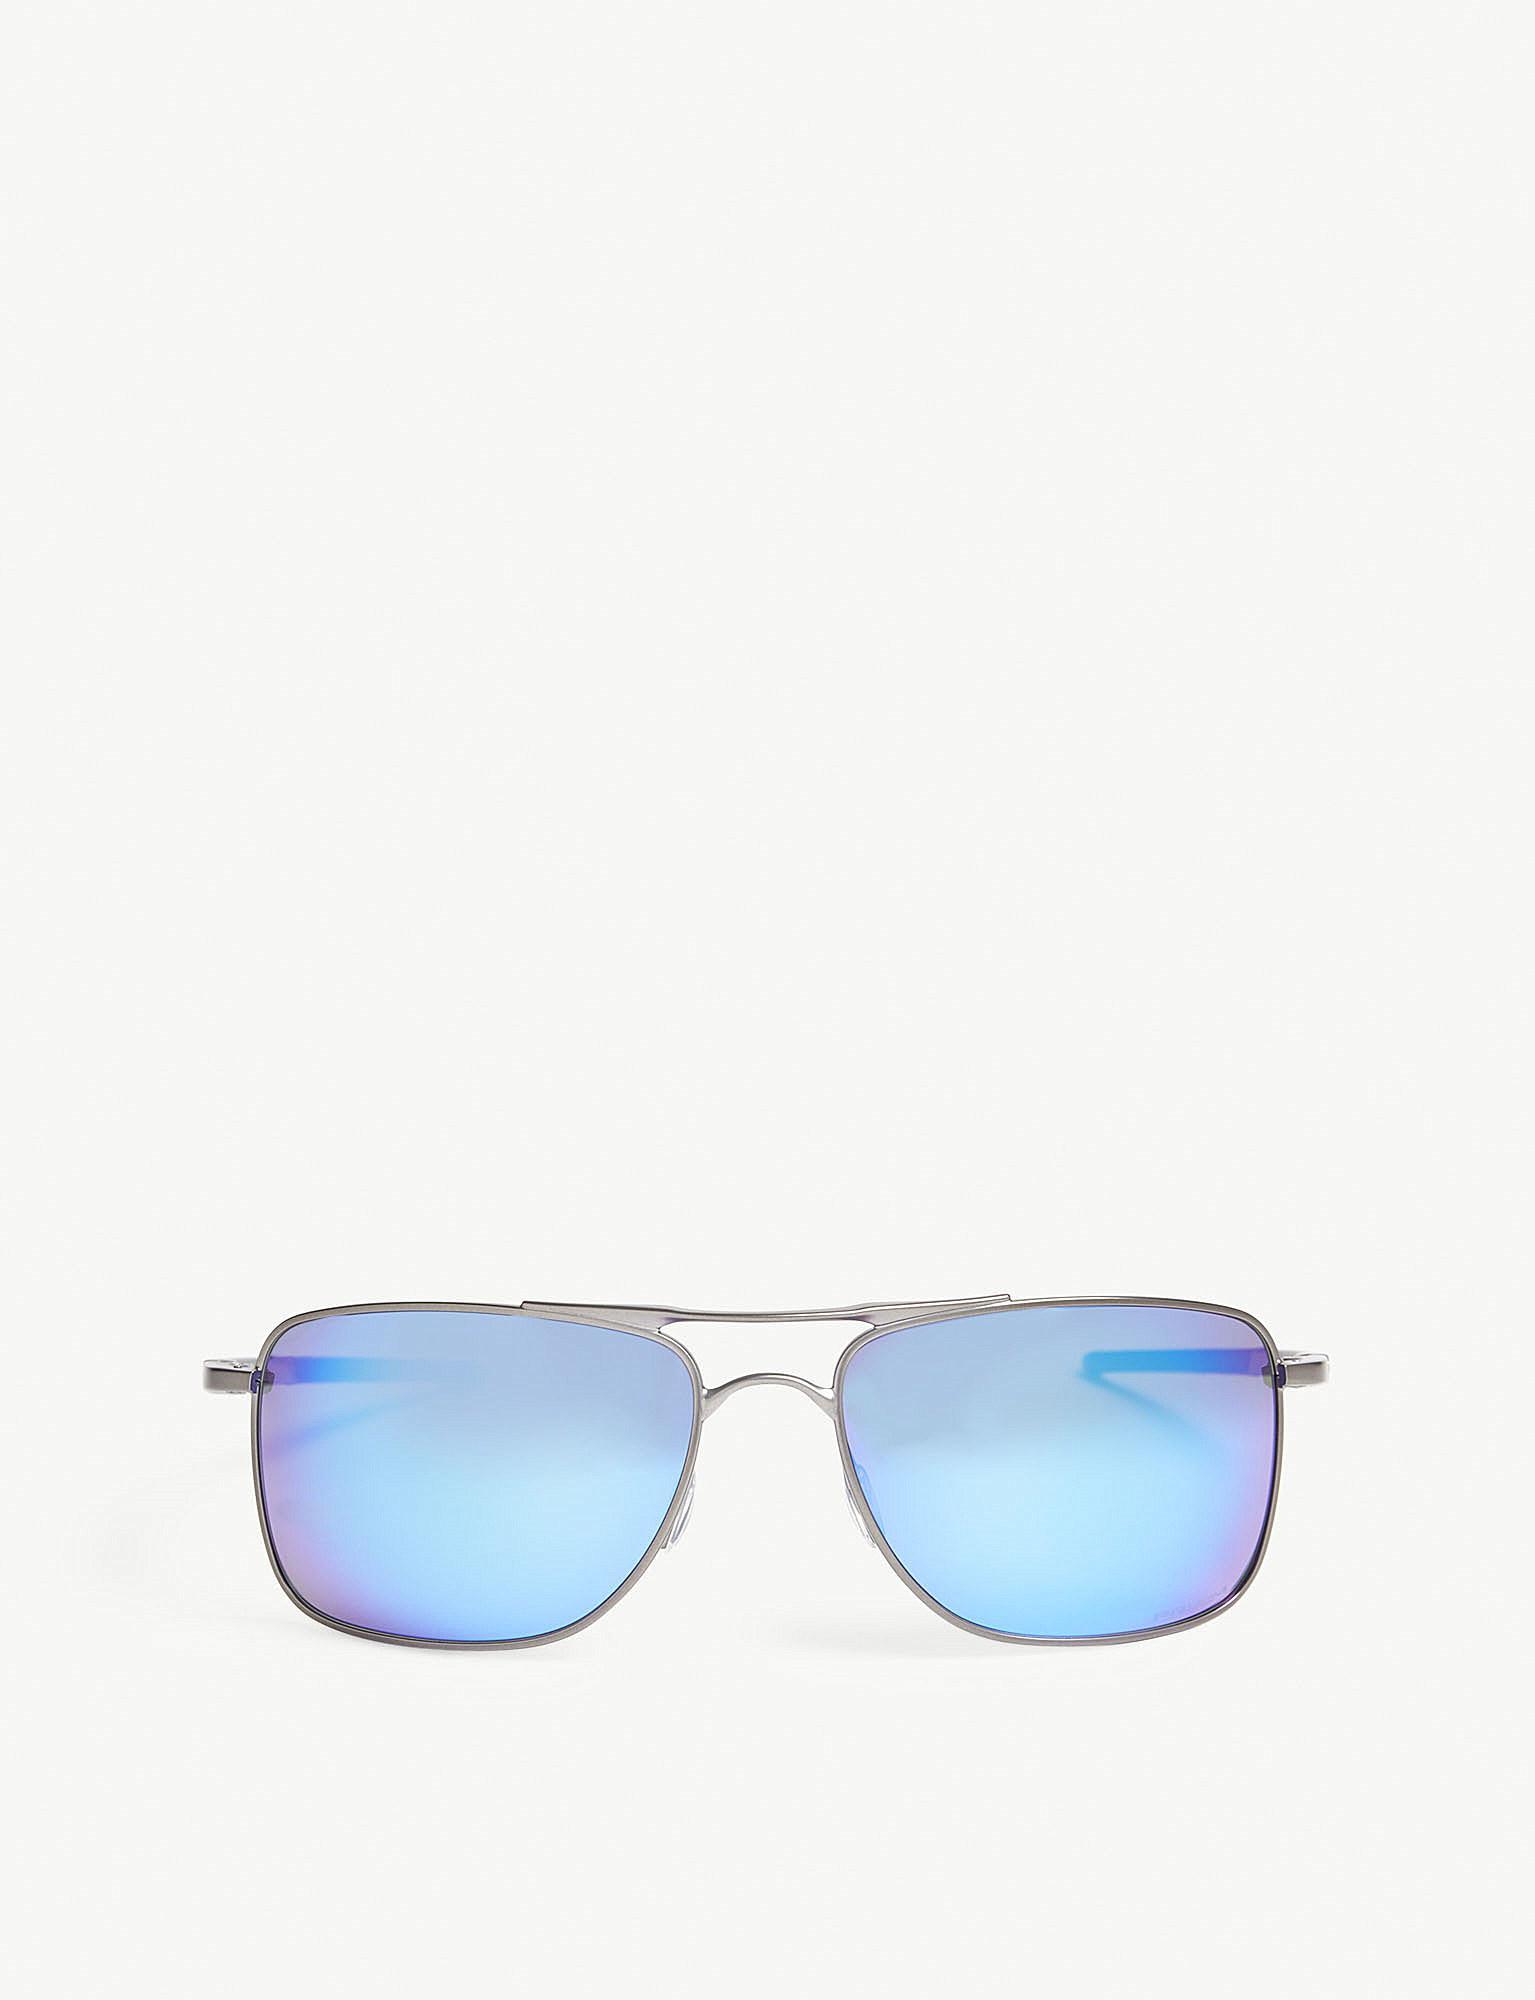 Lyst - Oakley Gauge 8 L Square-frame Sunglasses in Blue for Men